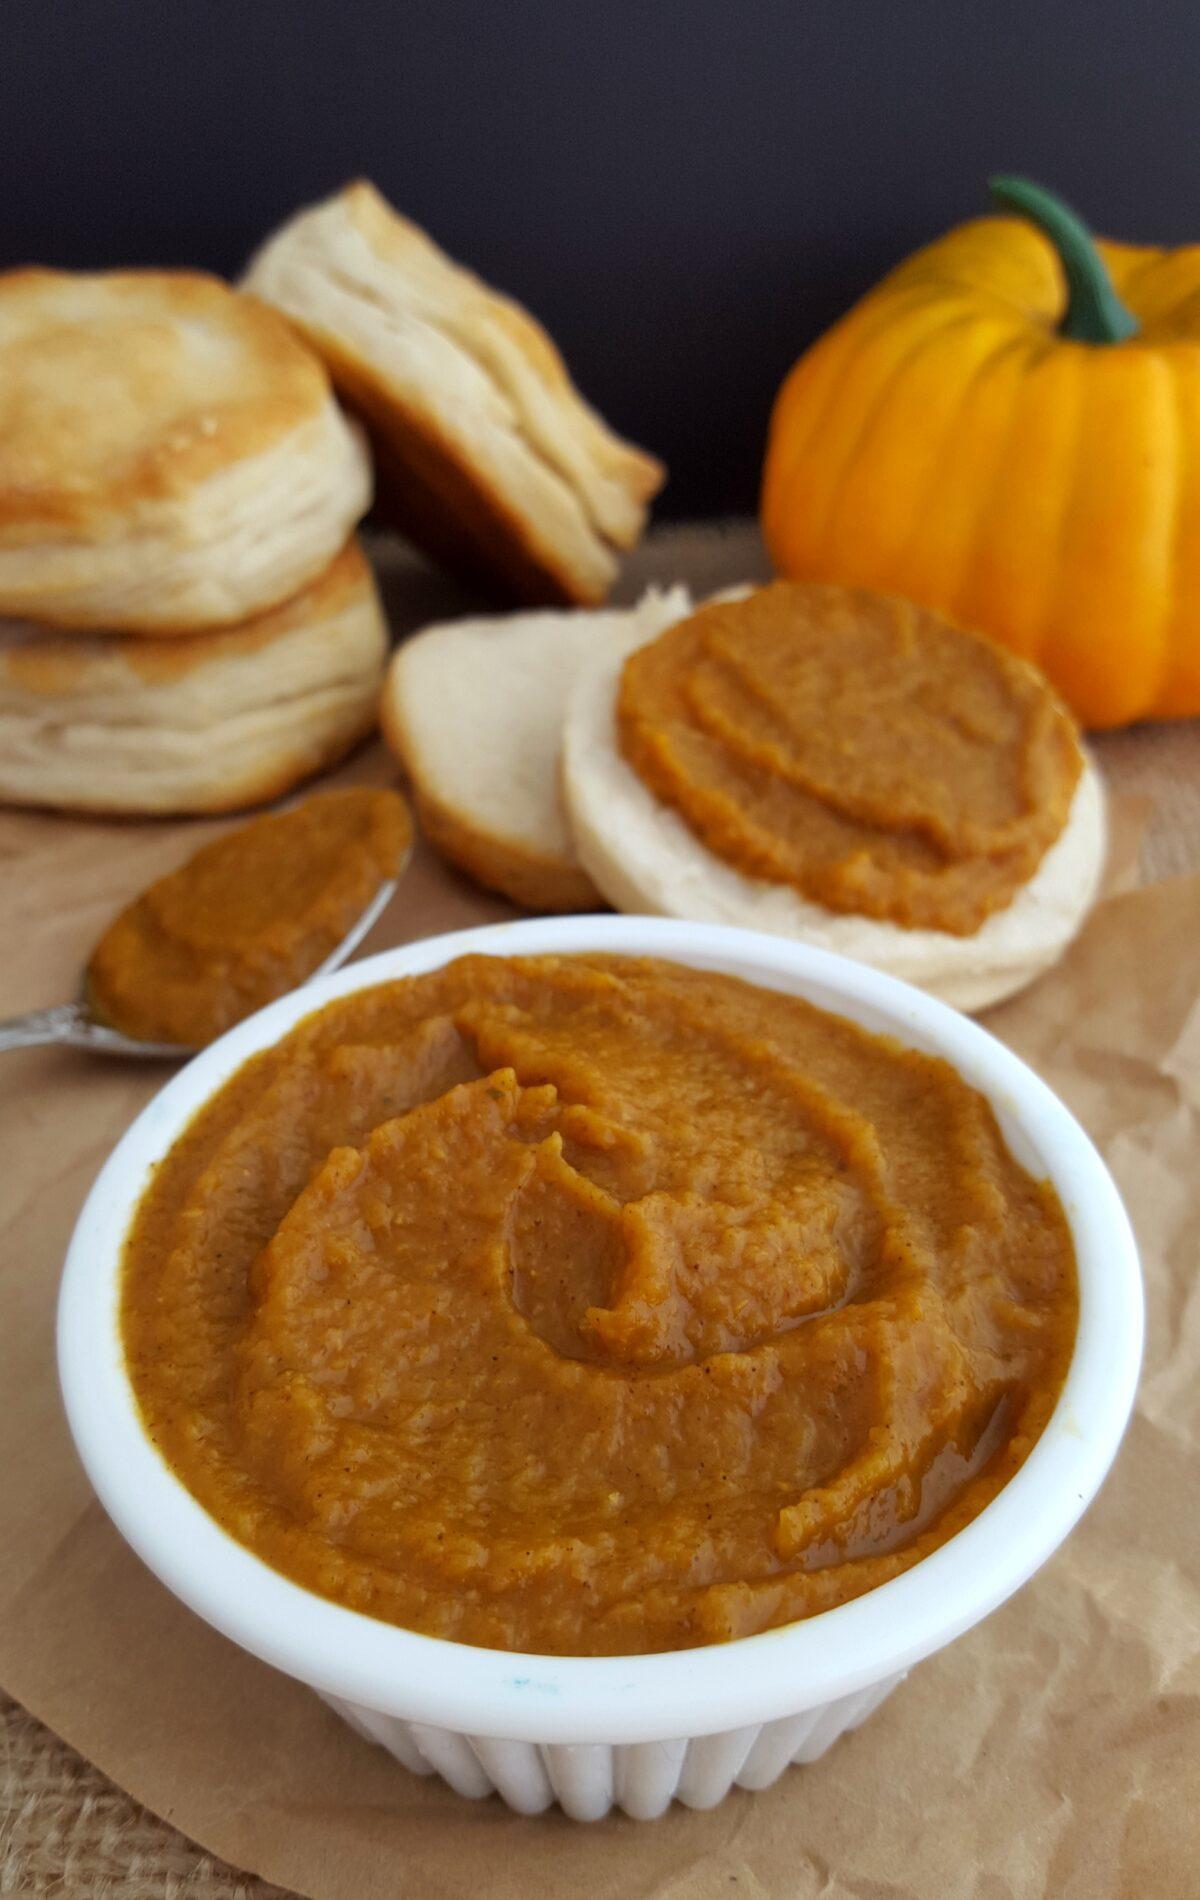 Homemade Crockpot Pumpkin Butter Recipe